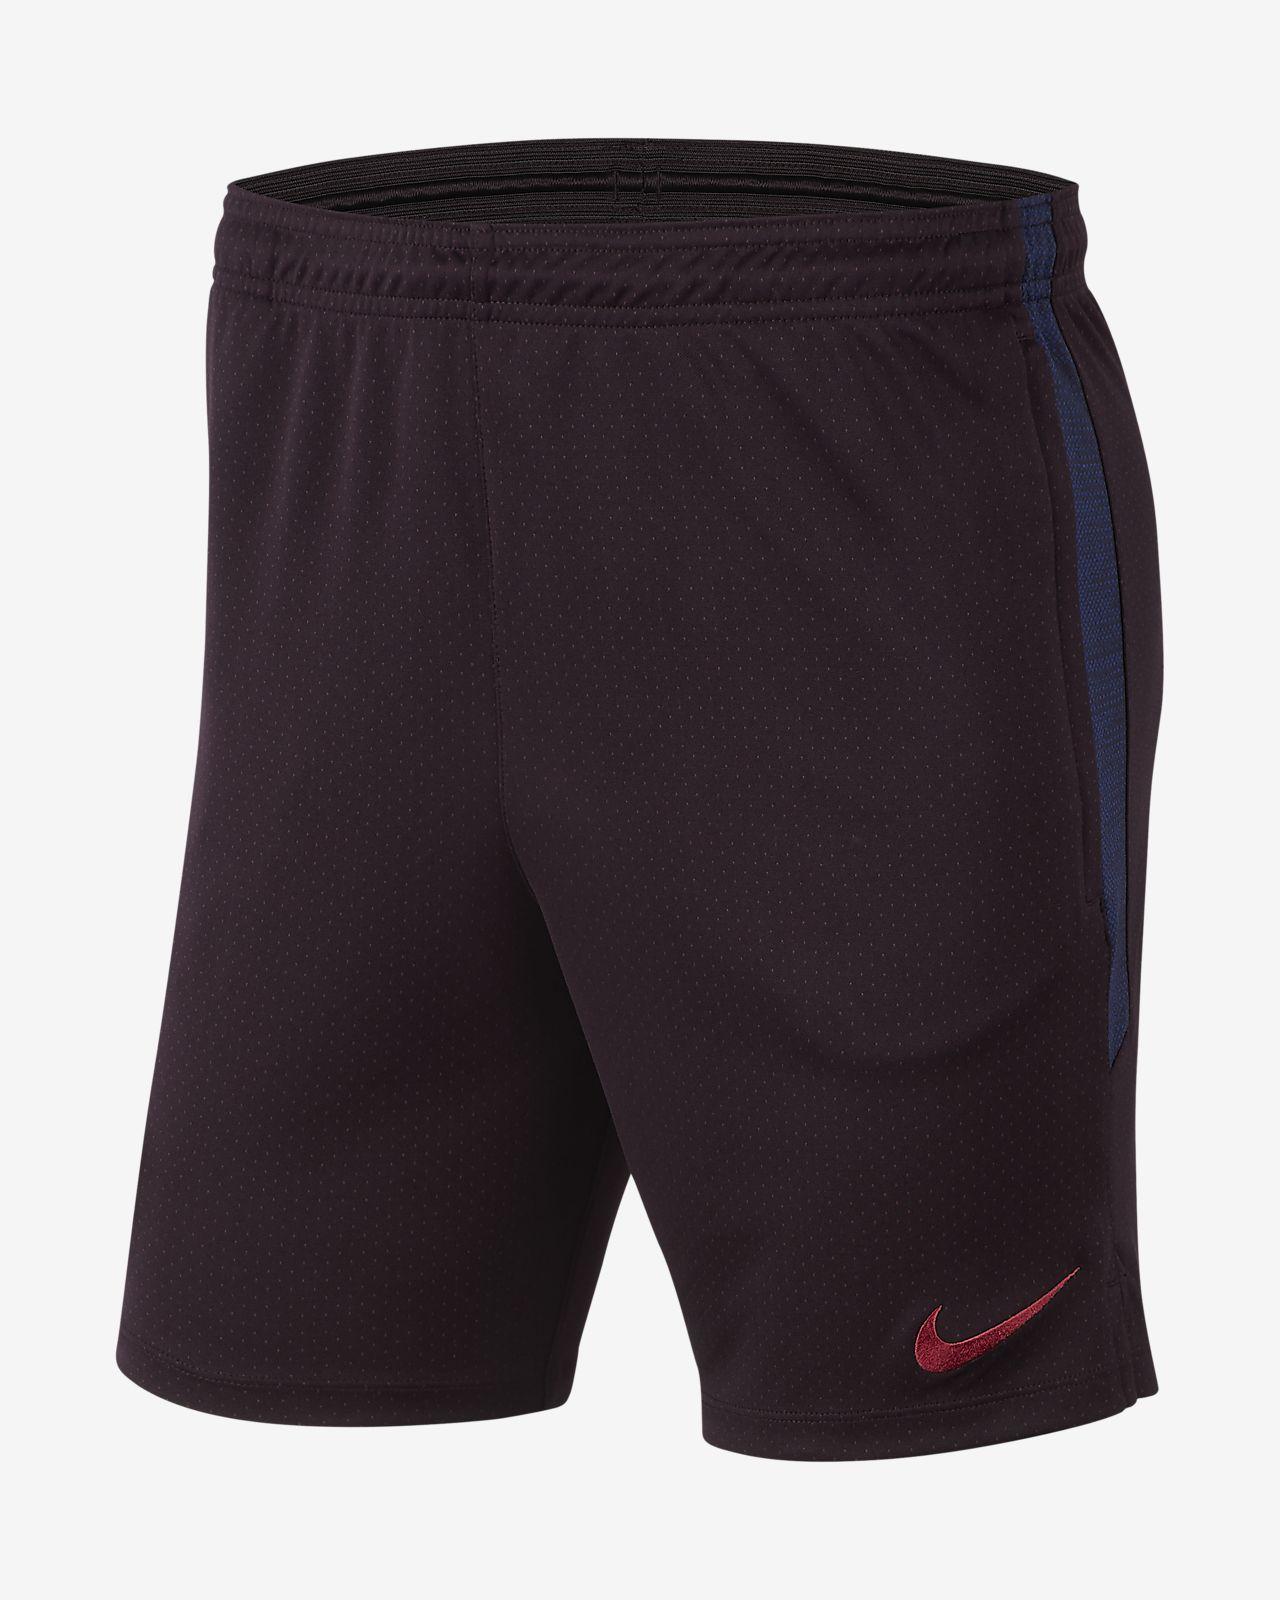 Ανδρικό ποδοσφαιρικό σορτς Nike Dri-FIT FC Barcelona Strike